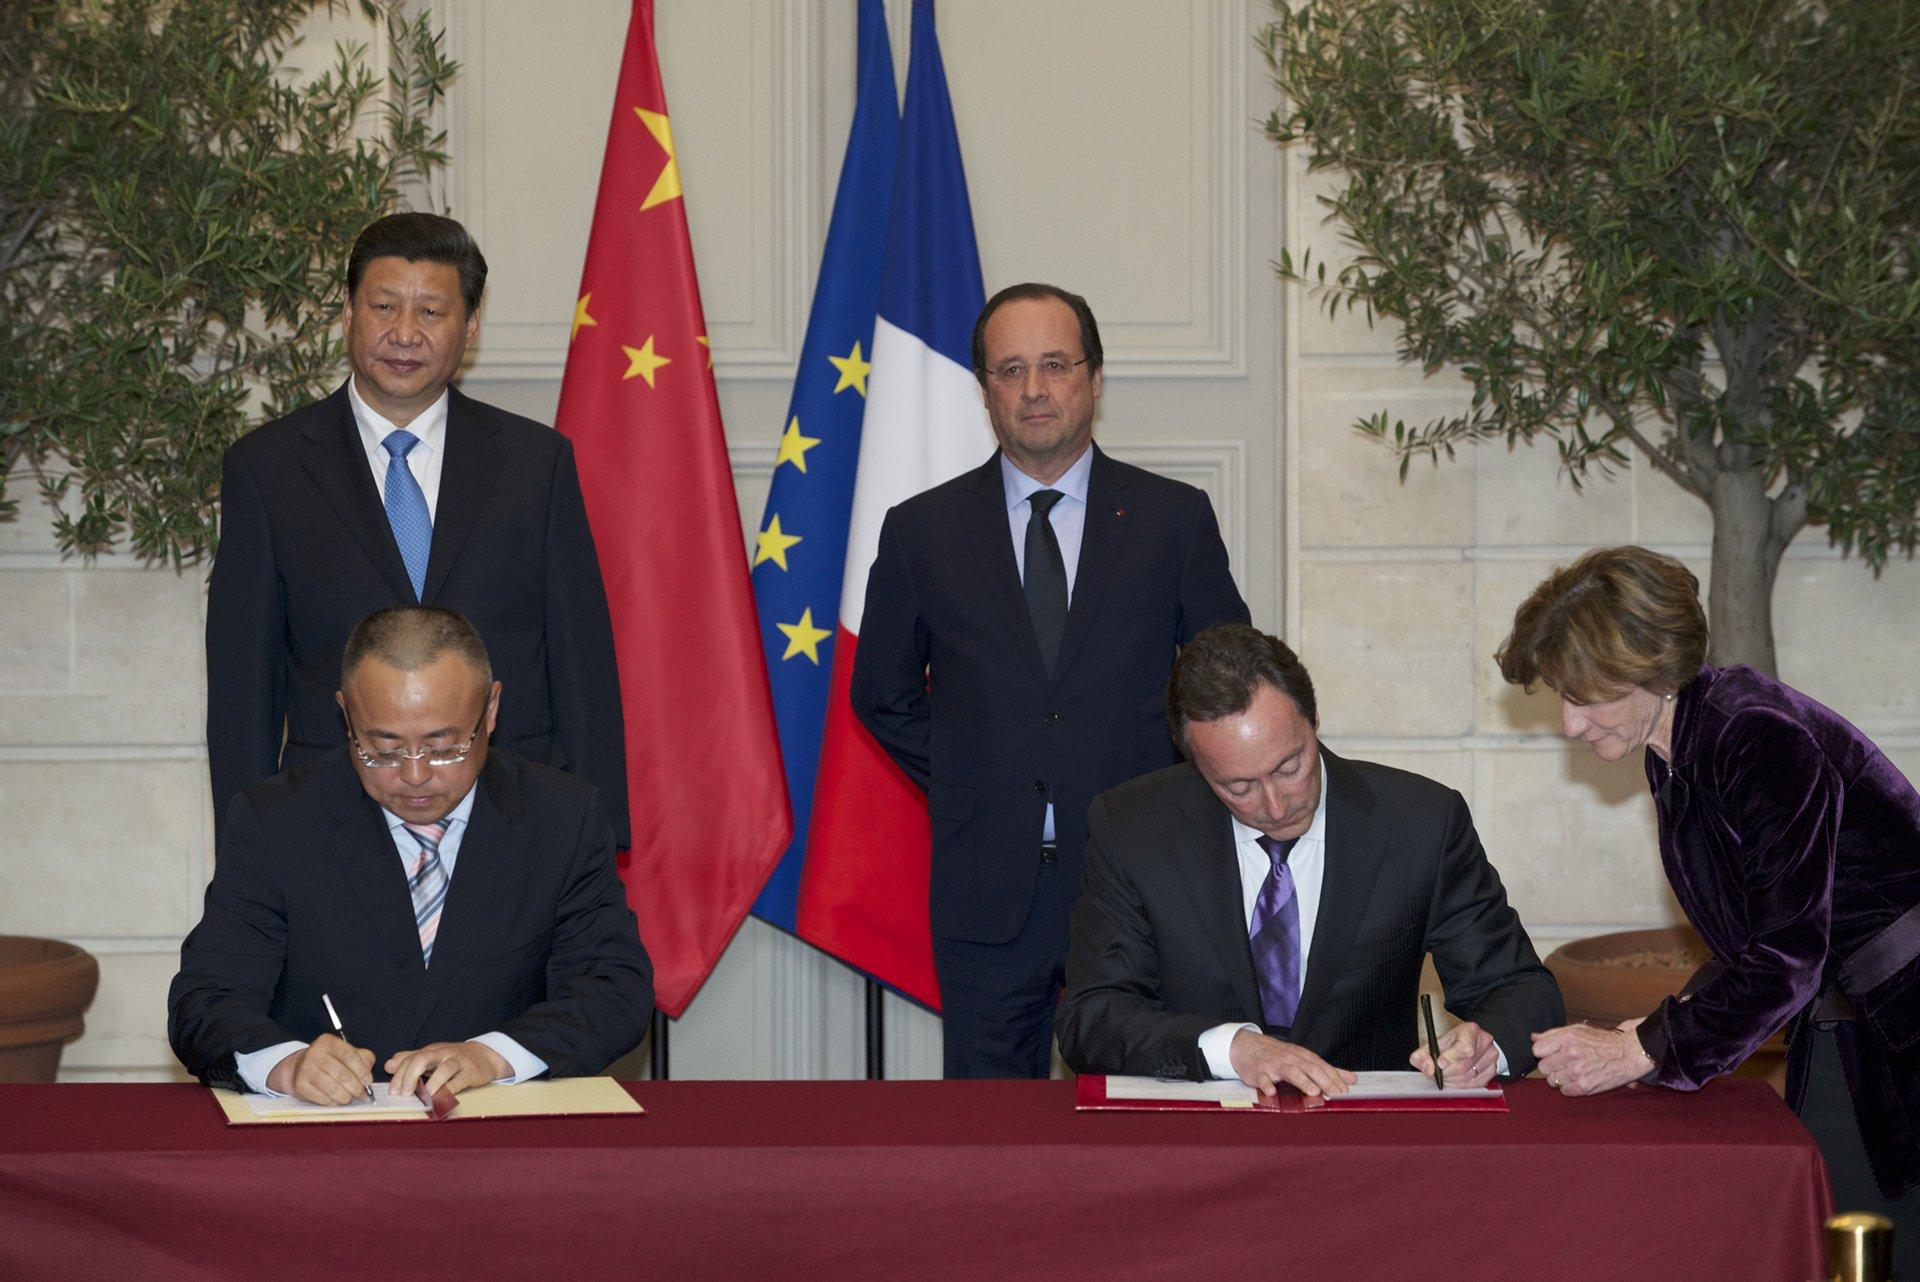 Signatures avec la Chine. Palais de l'Elyséee, Paris, le 26 mars 2014.Contrat cadre général entre Airbus et CASCG sur les commandes d'avions. Signataires ; M. Fabrice Brégier, Président d'Airbus et M. Li Hai, Président de la CASC.